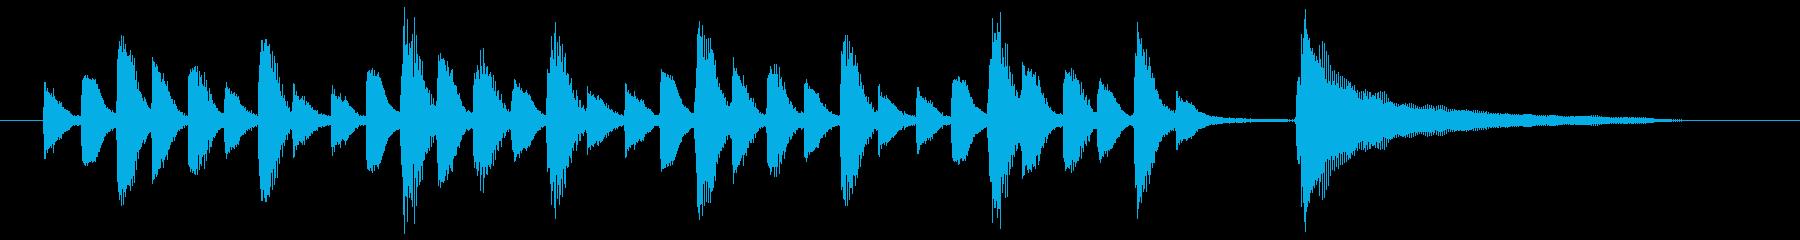 コミカルでほのぼのとしたピアノ曲の再生済みの波形